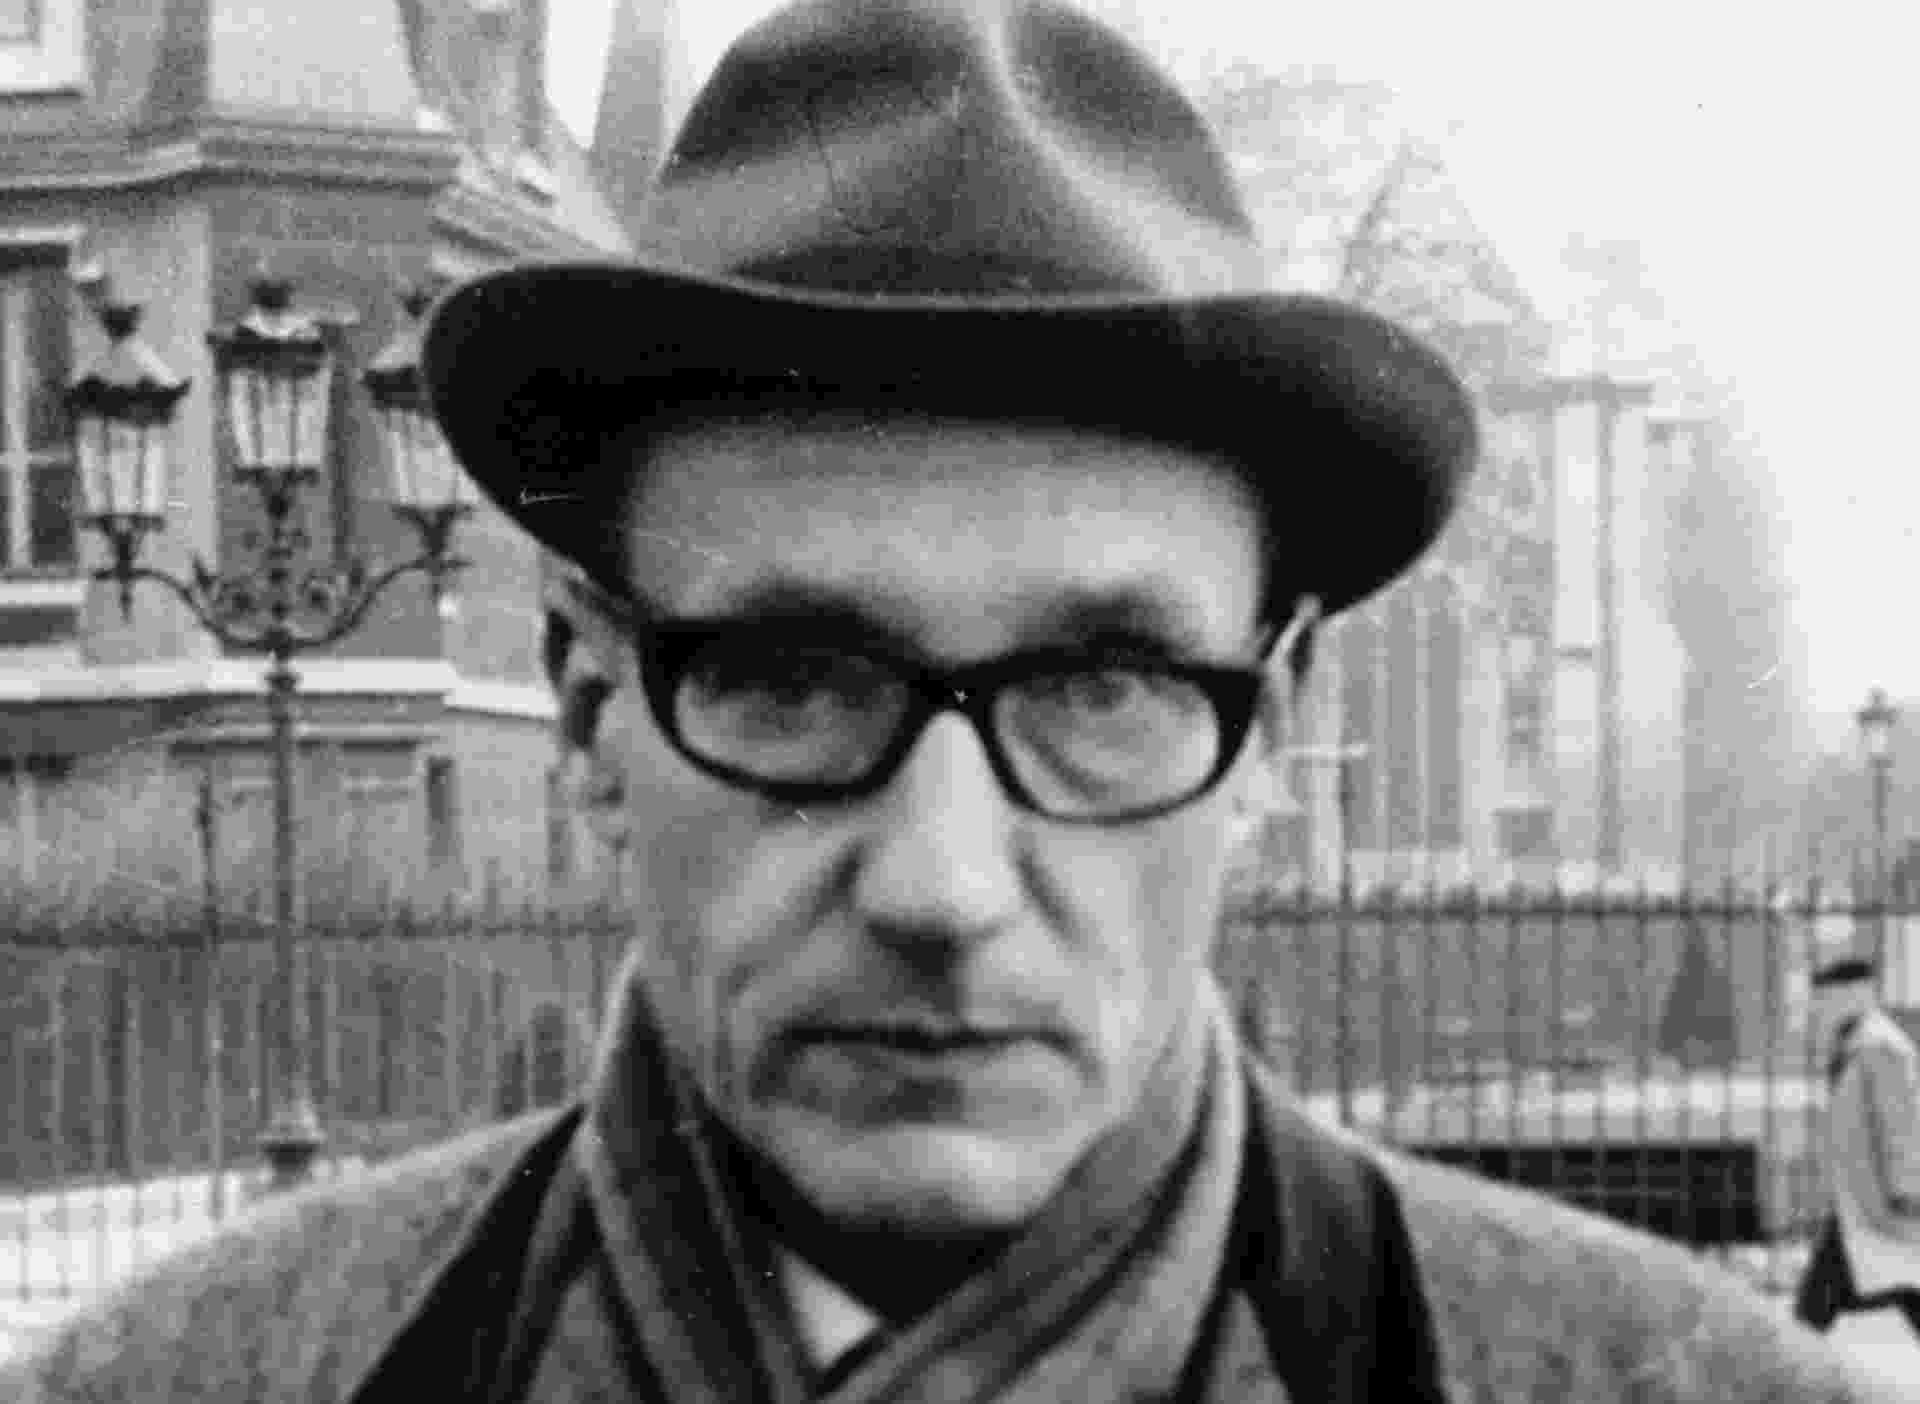 Burroughs em foto de arquivo sem data - Getty Images